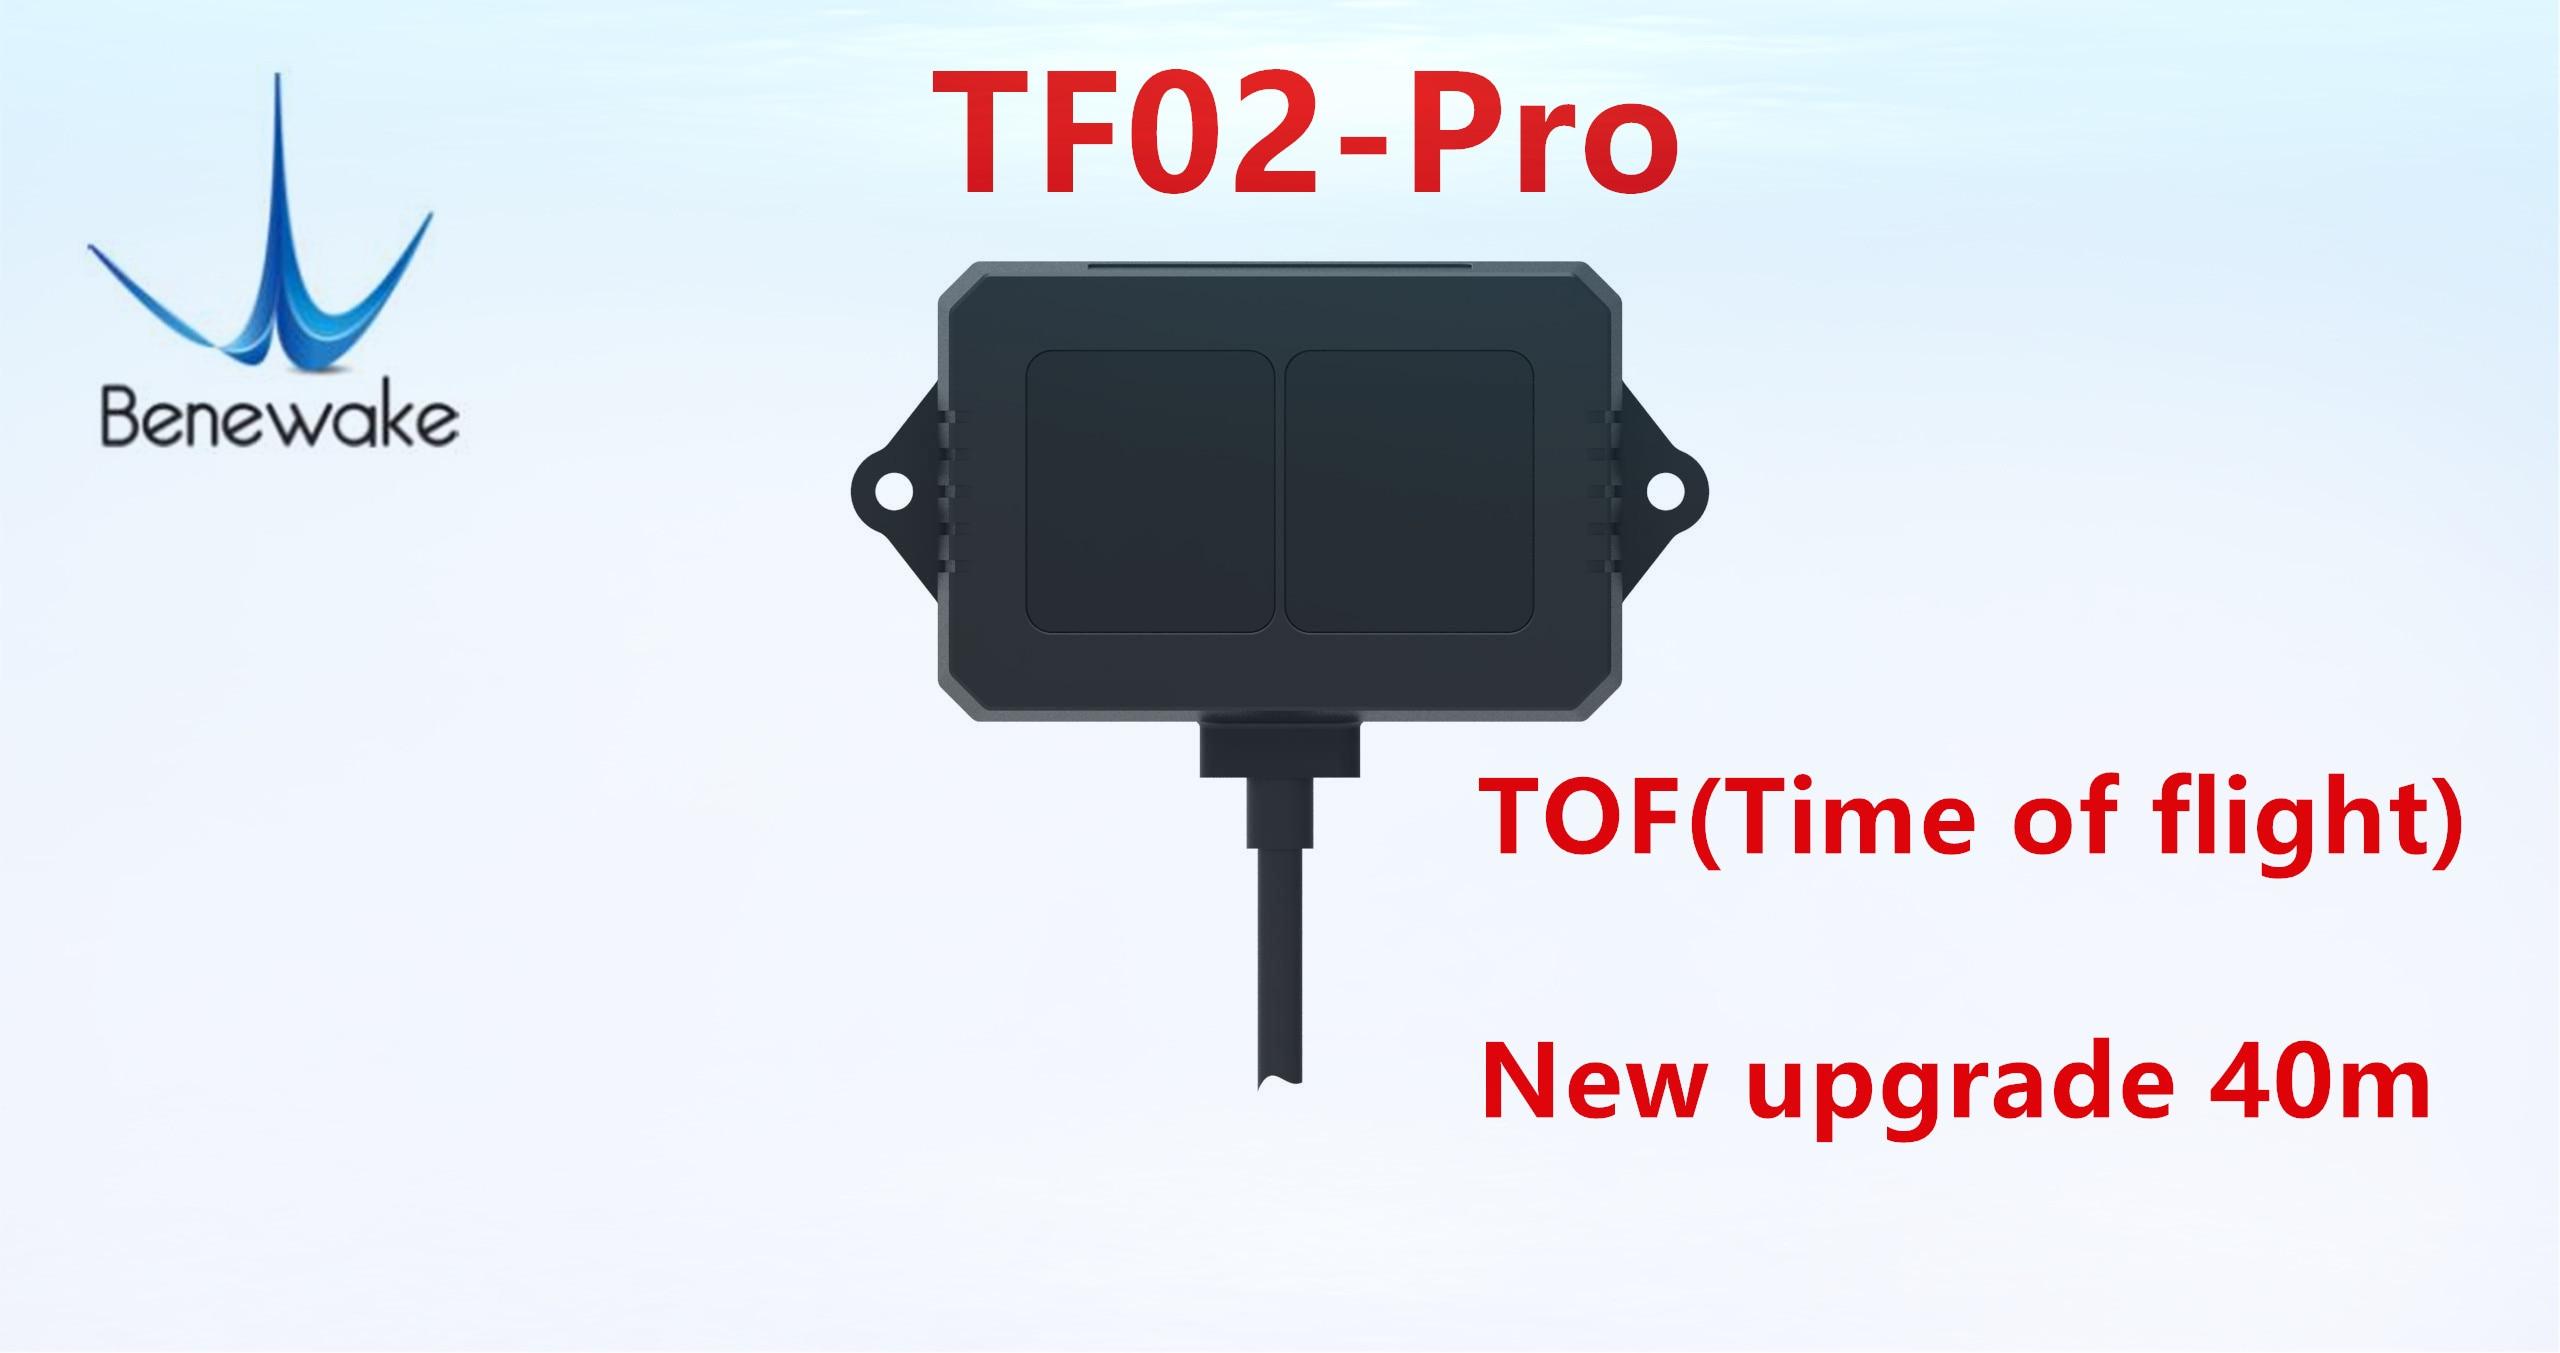 Benewake TF02-Pro tof 40 medidores single-point variando lidar para detecção de nível de material de transporte inteligente e uav